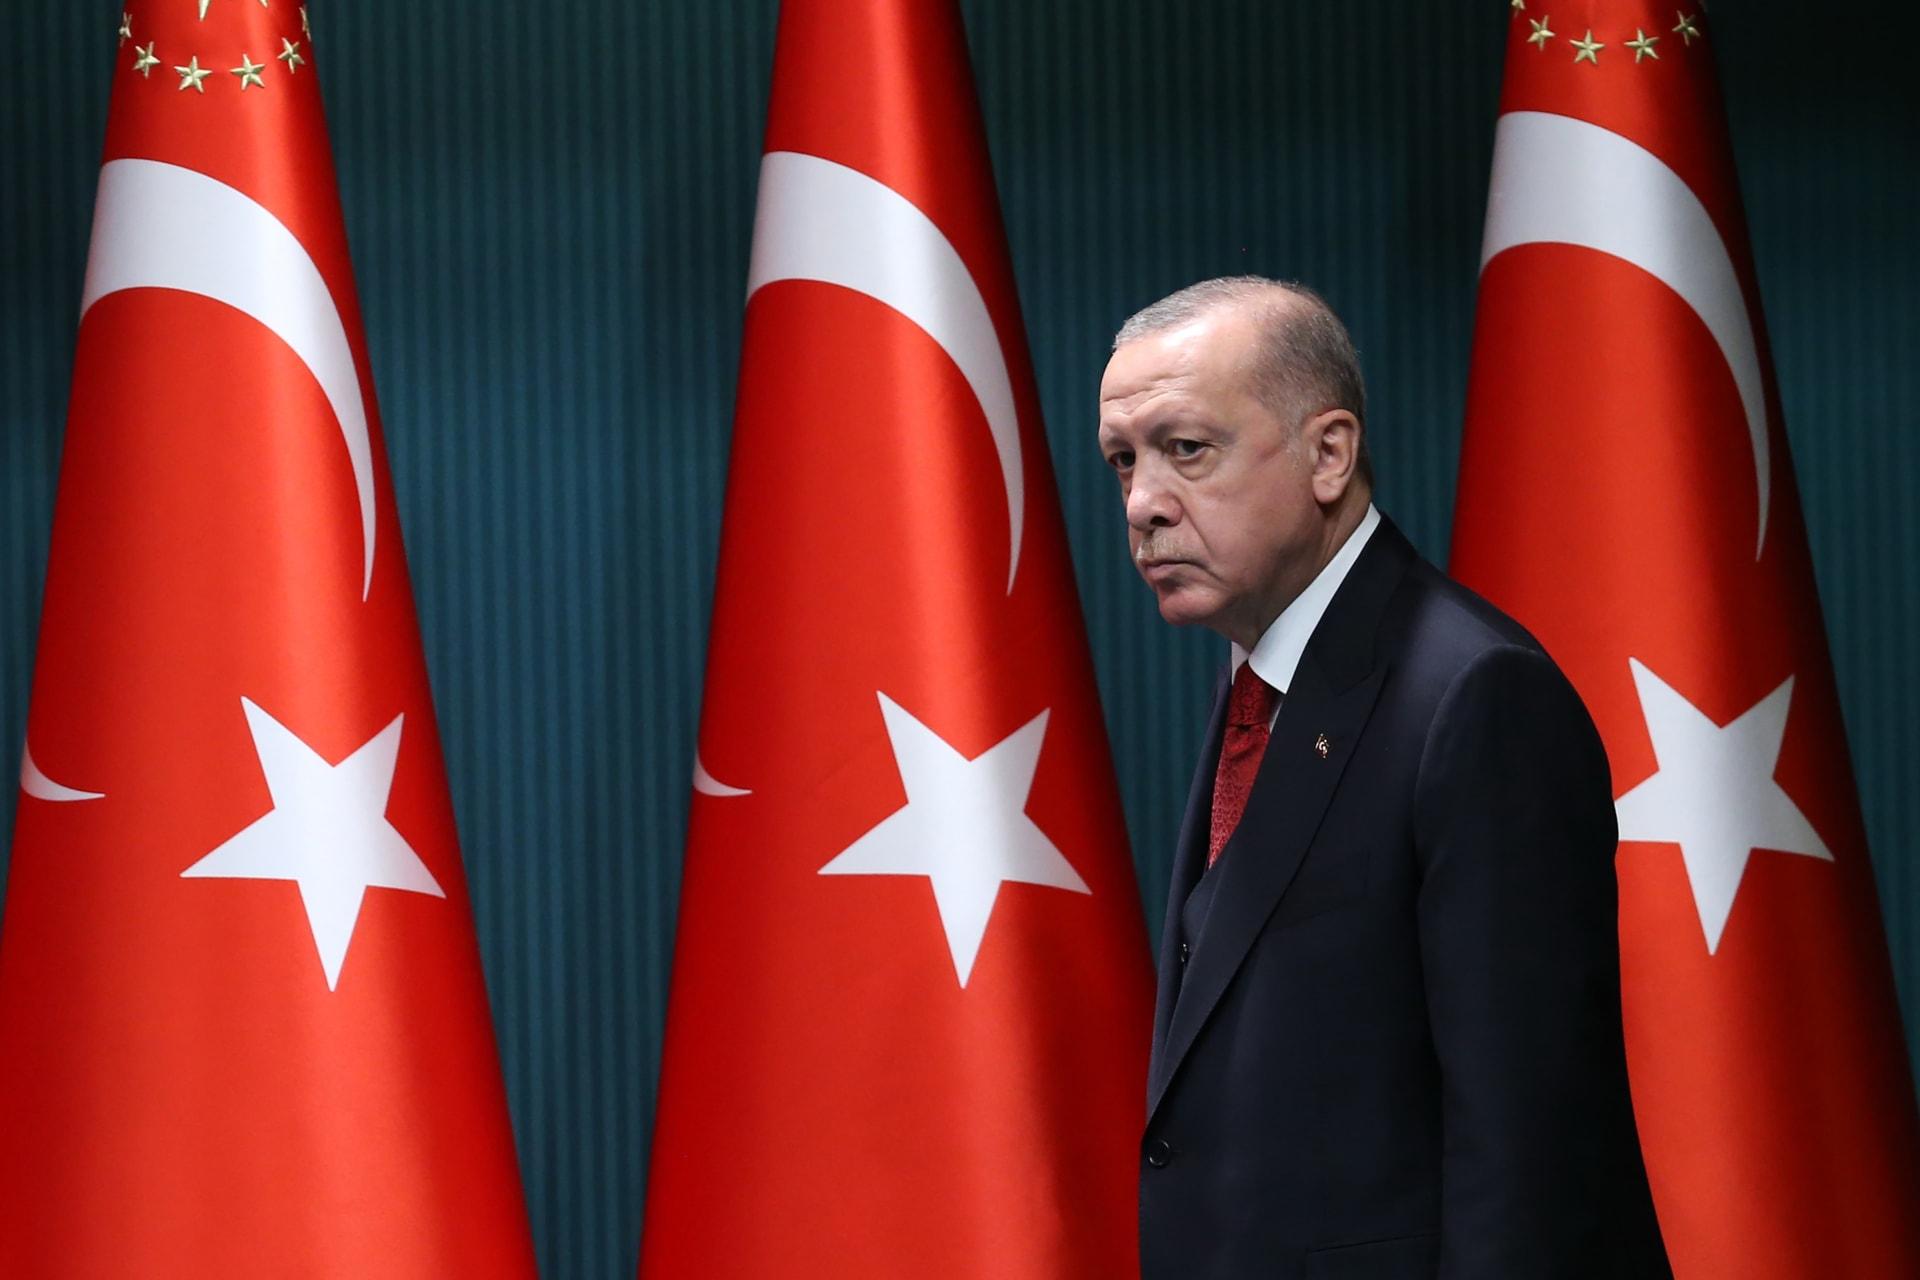 """أردوغان عن اعتراف بايدن بـ""""الإبادة"""" بحق الأرمن: كانت عملية """"تبديل أمكنة"""" راح ضحيتها 150 ألف شخص"""